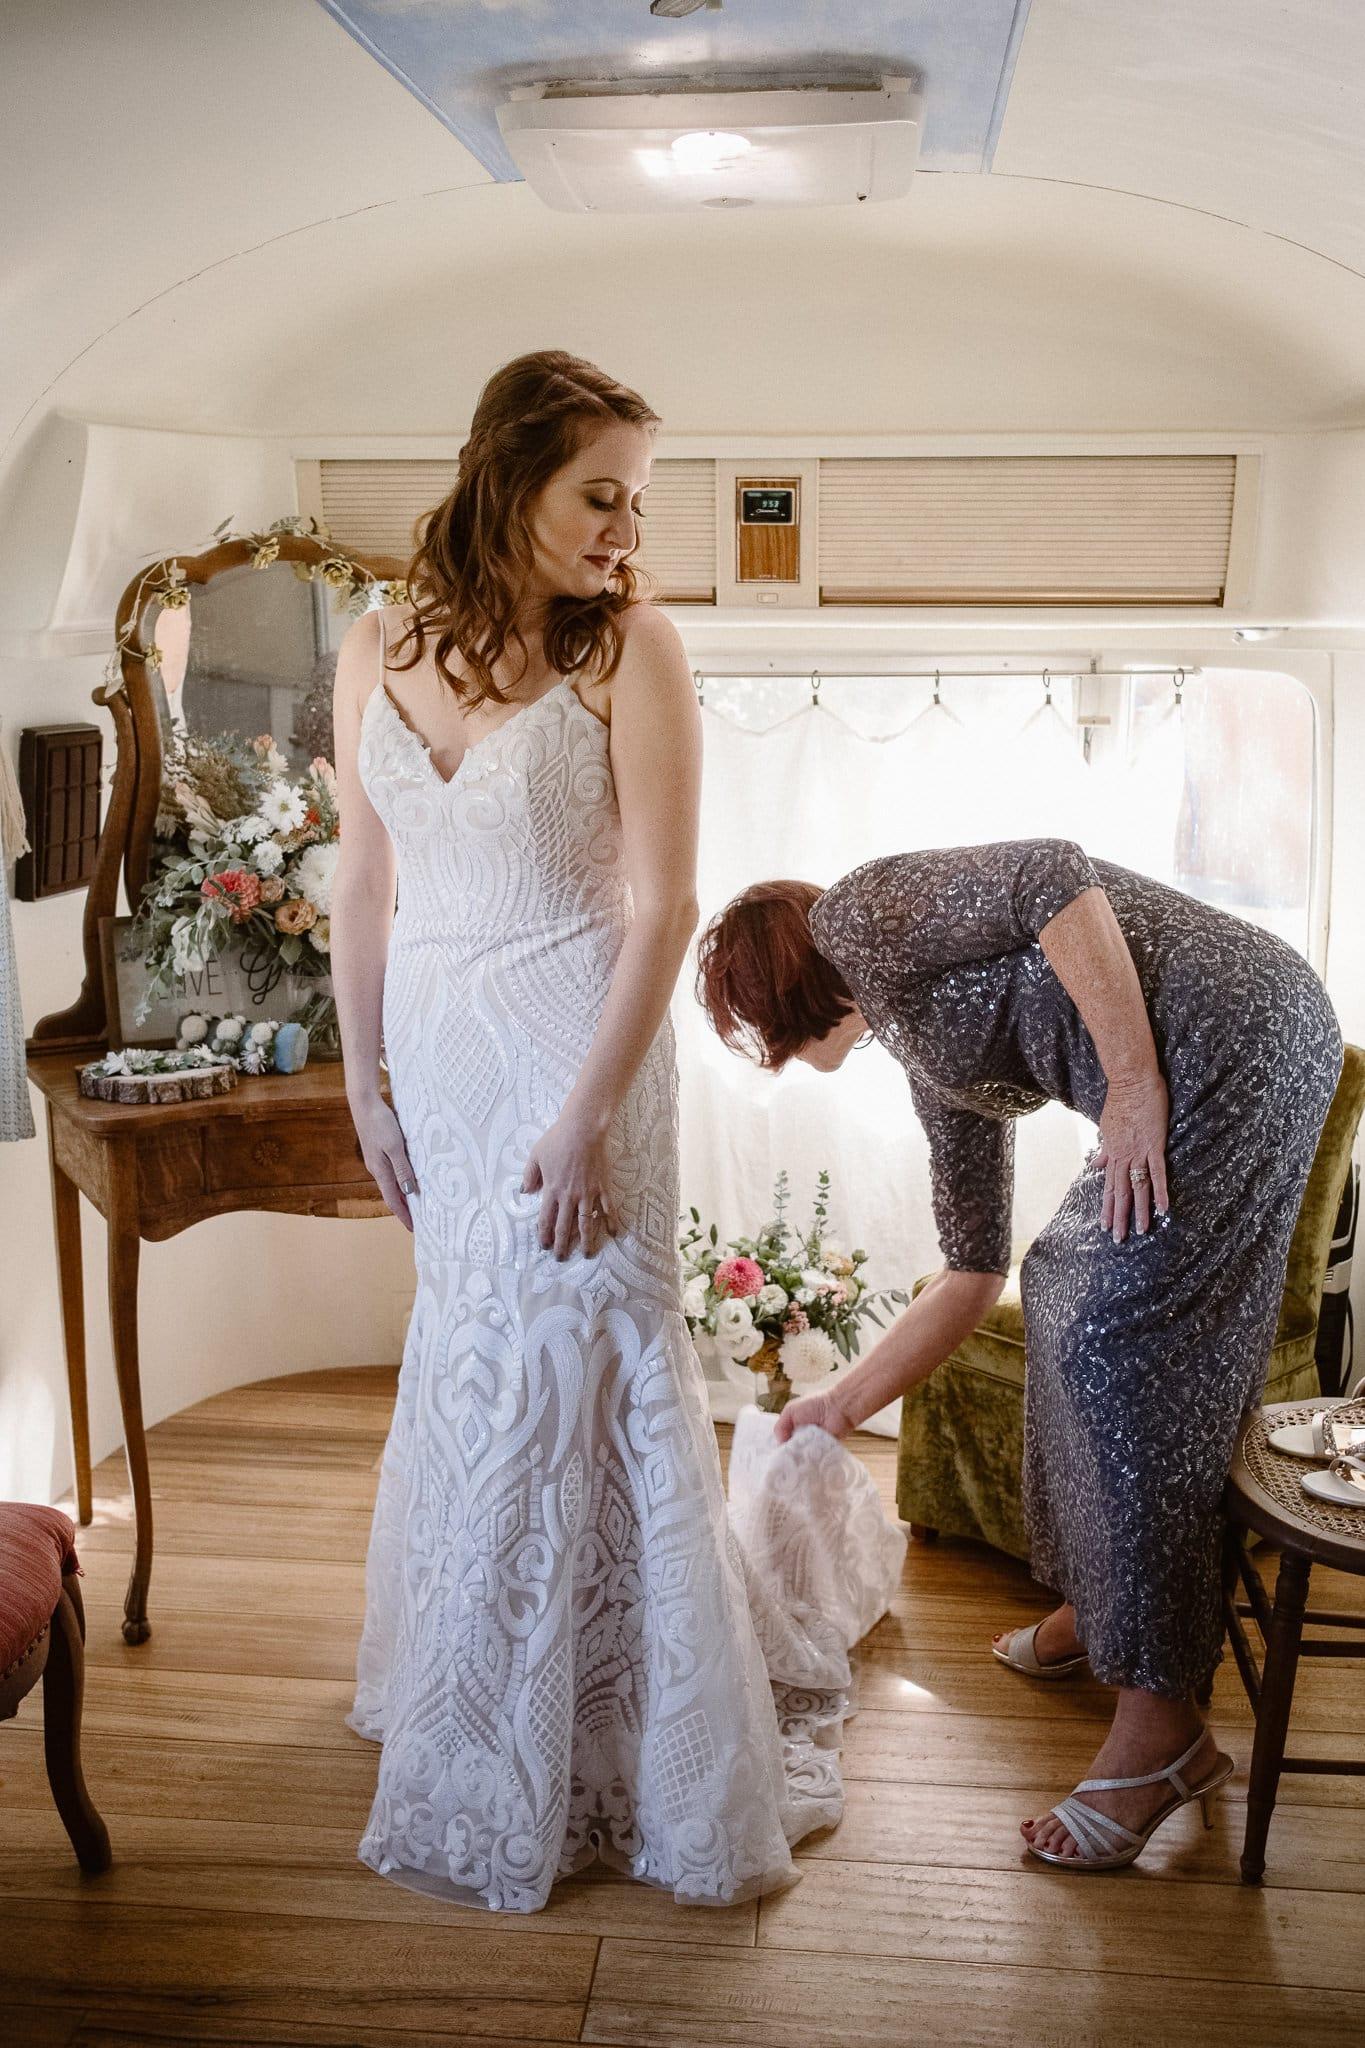 Lyons Farmette wedding photographer, Colorado intimate wedding photographer, bride getting ready in airstream, rue de seine wedding dress